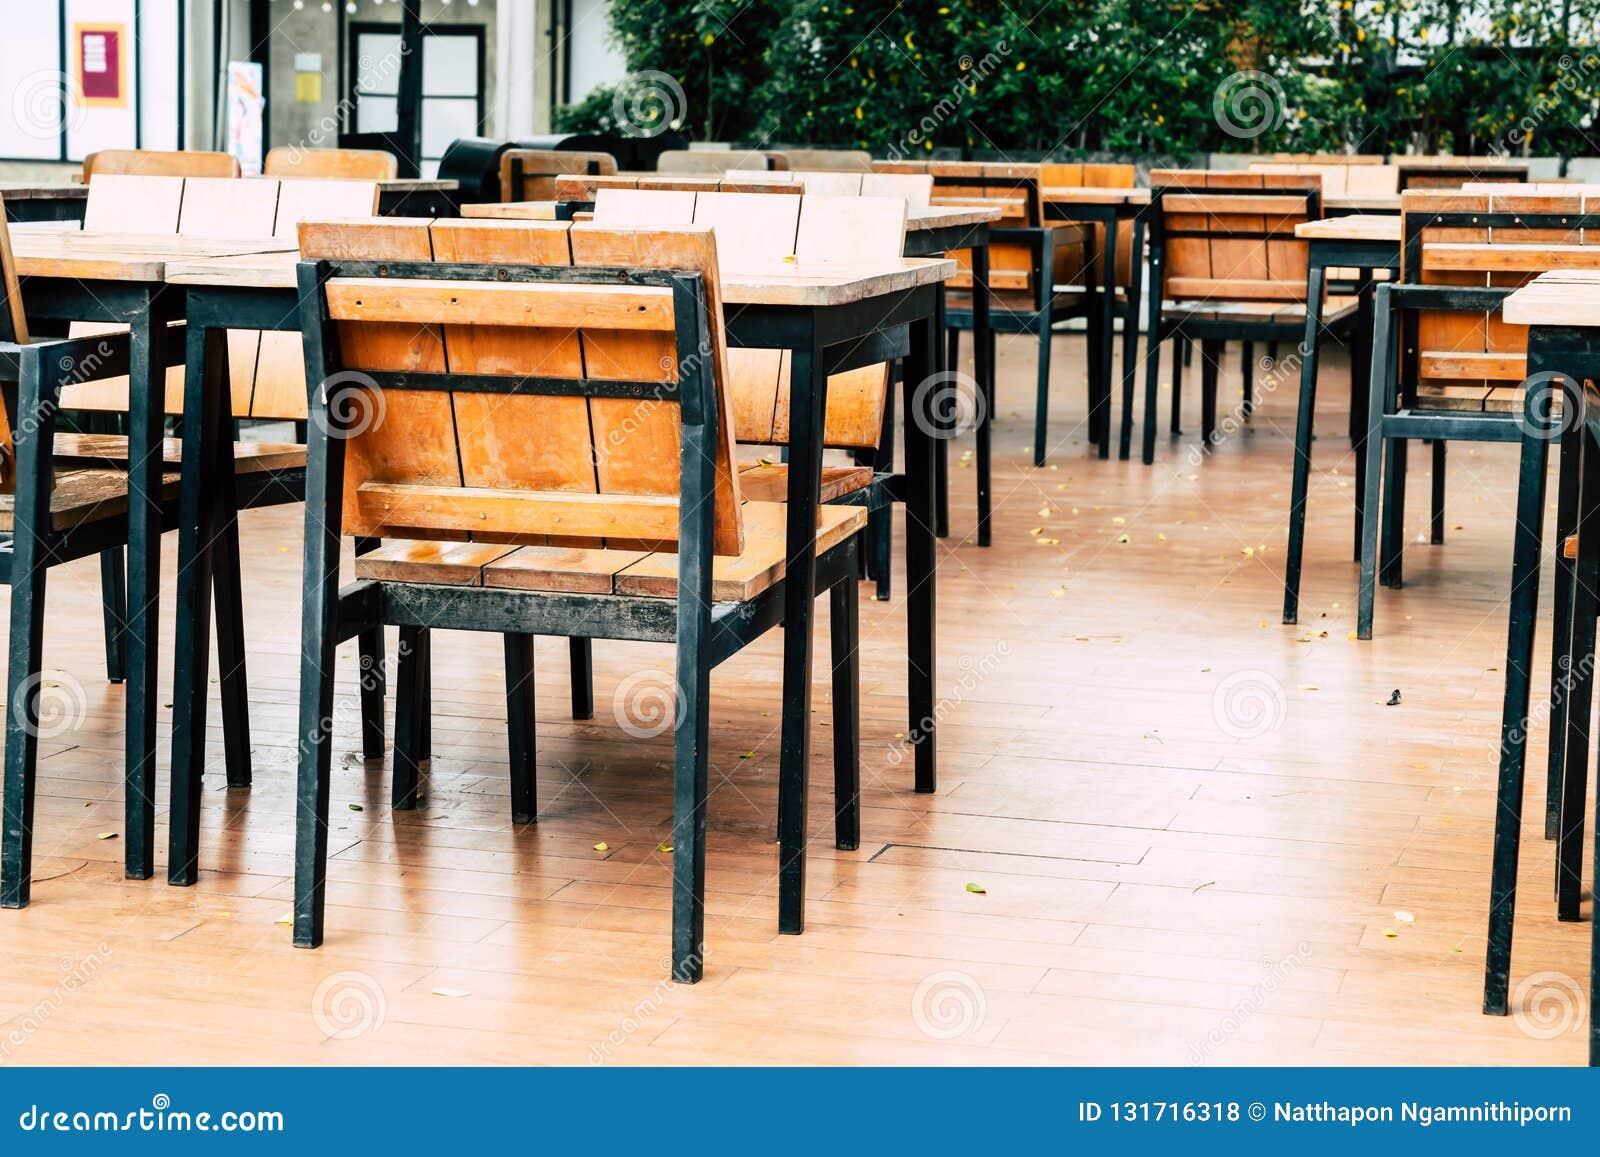 Table Bois Chaise En Photo Extérieur Et Vides Dans Le Restaurant NnOyvPm08w